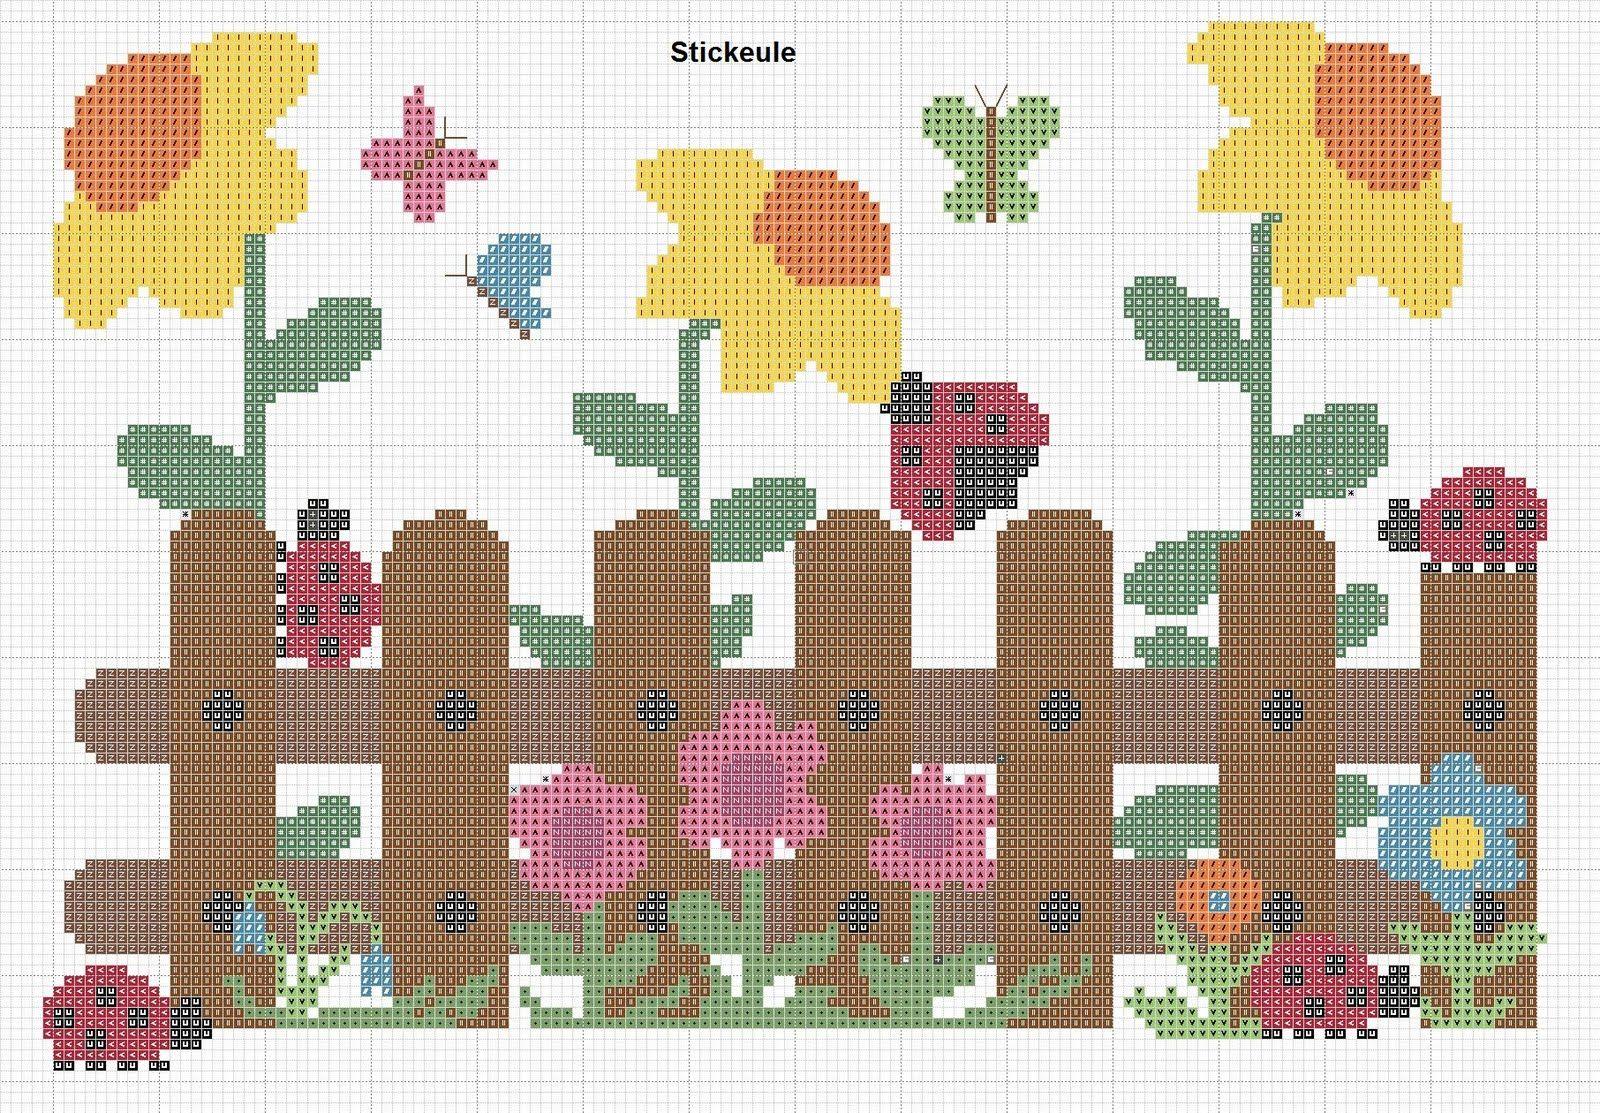 Stickeules Freebies: Blumen